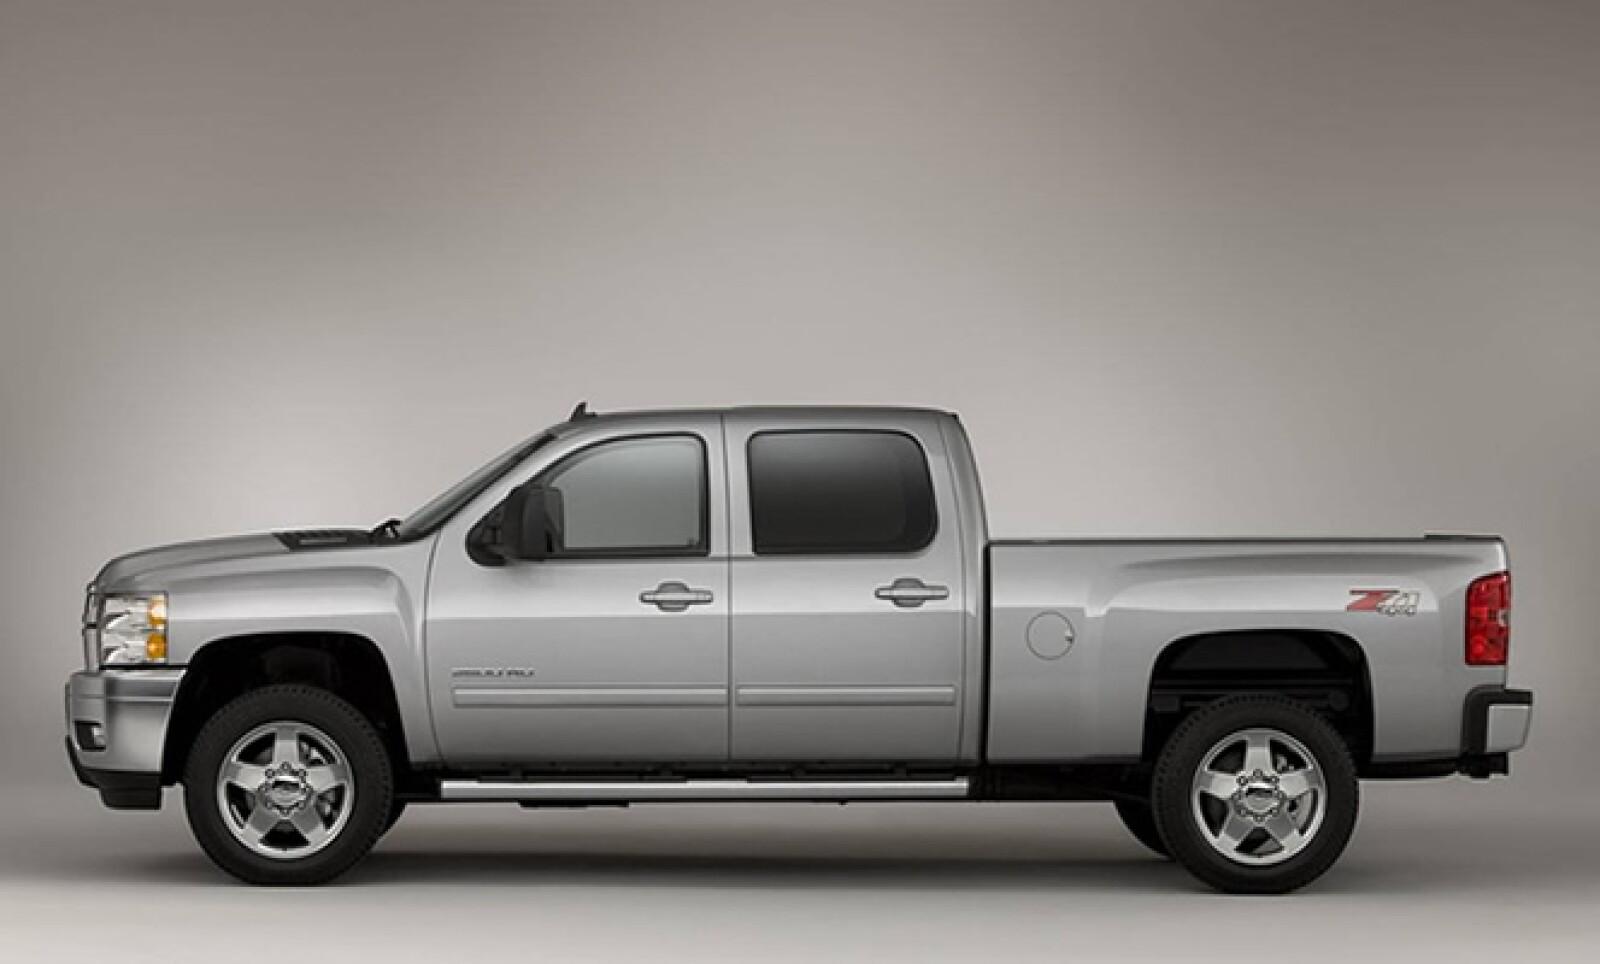 Una de las camionetas de GM aparece también en este listado con 867 unidades.